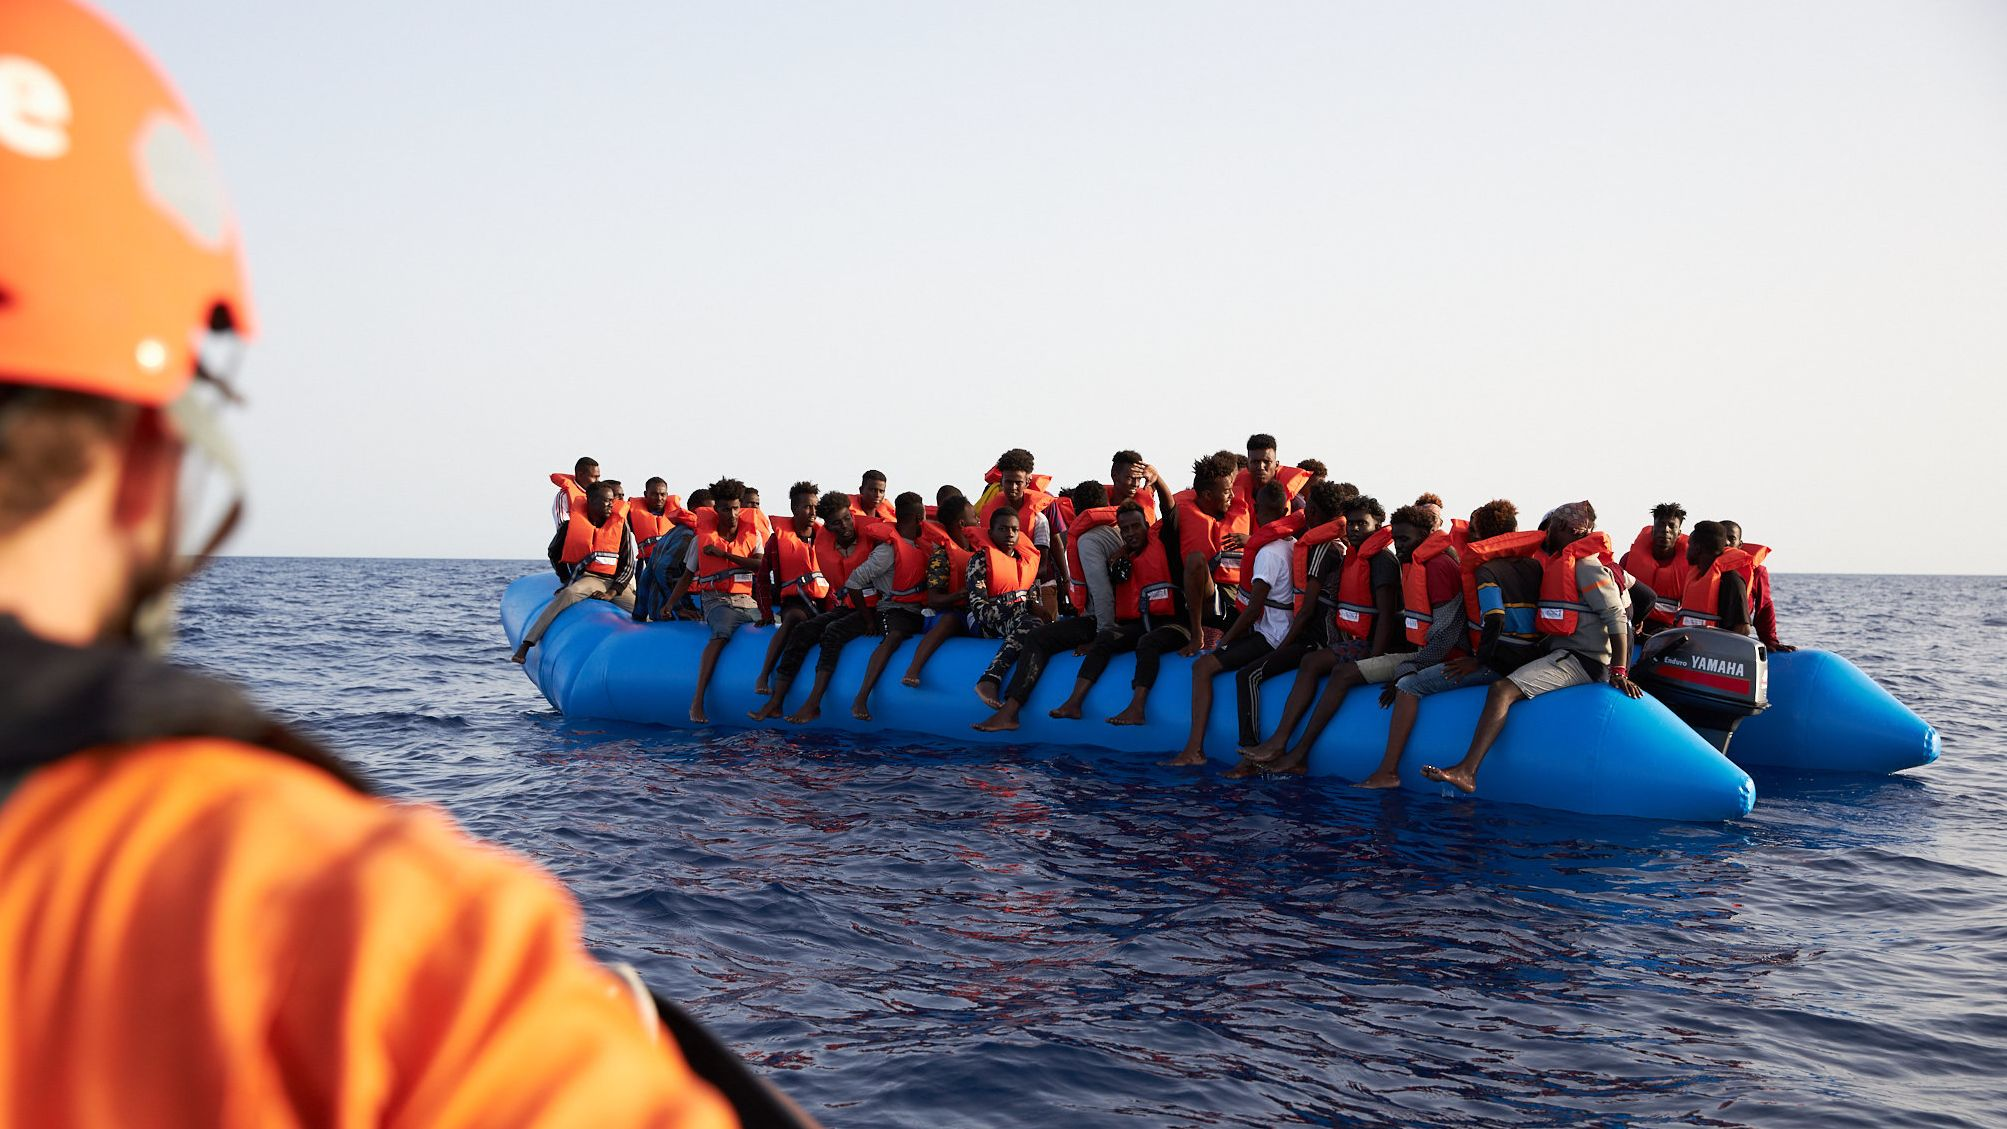 Die von der Seenotrettungsorganisation Sea-Eye herausgegebene Aufnahme zeigt einen Seenotretter der zu einem Flüchtlingsboot schaut.